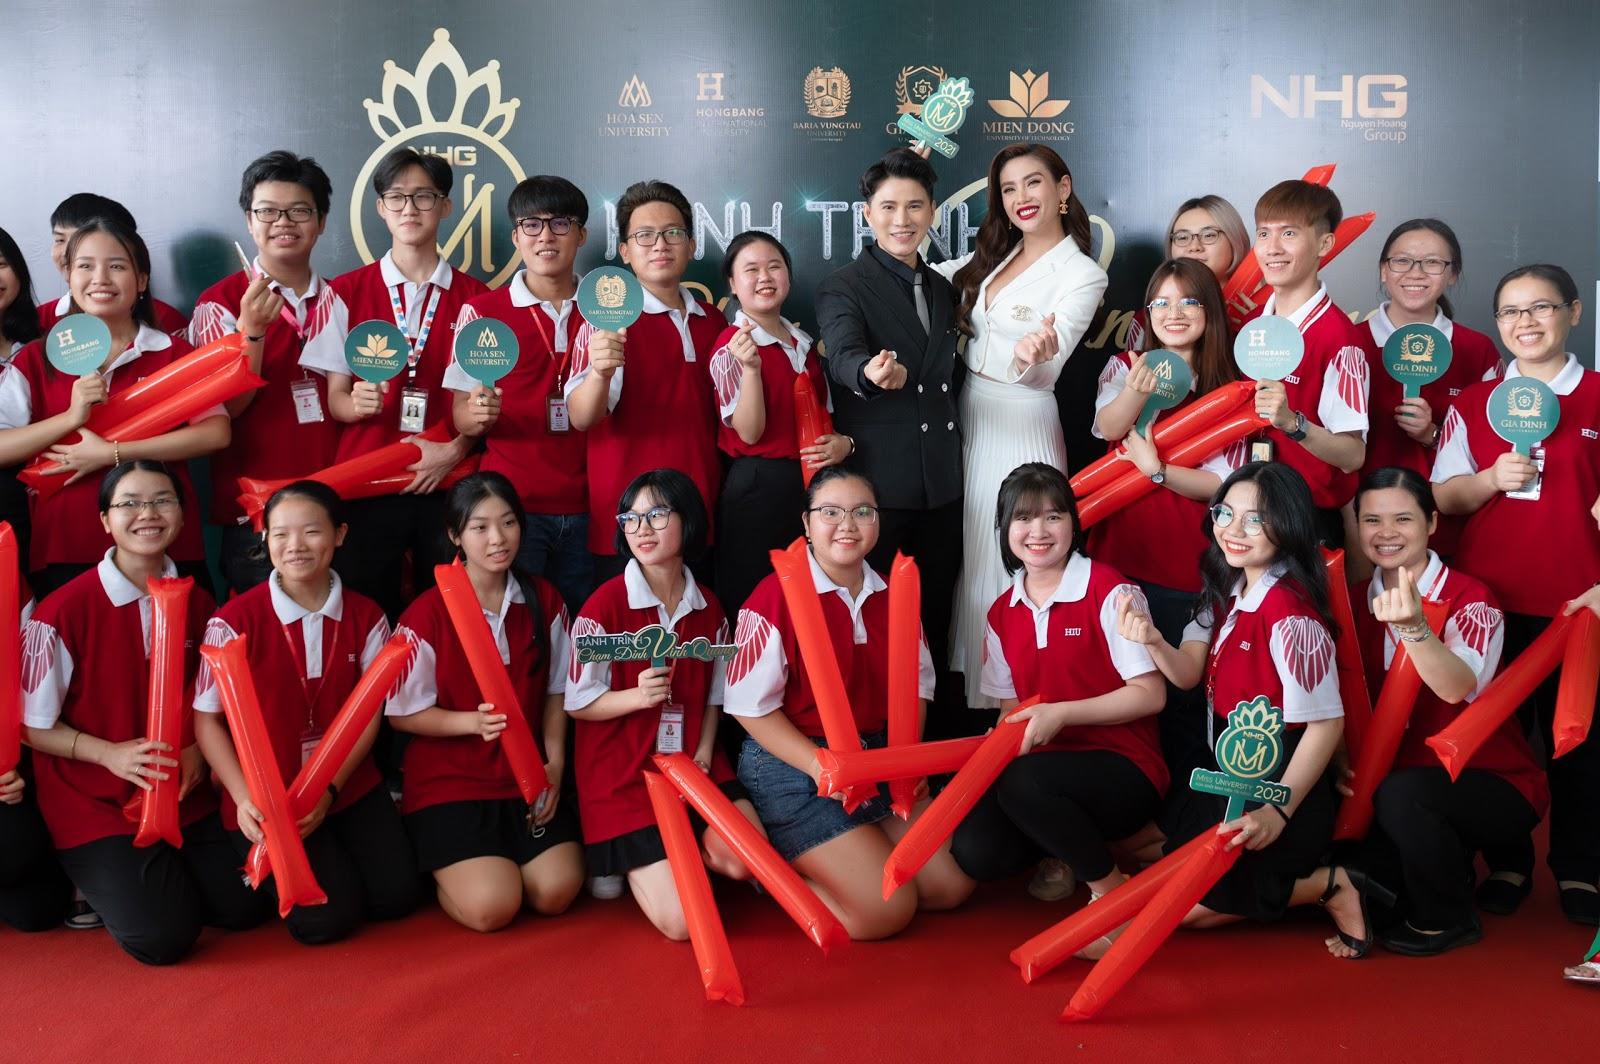 Siêu mẫu Võ Hoàng Yến lần đầu làm giám khảo cuộc thi hoa khôi sinh viên, dàn sao khủng đồng hành với nhiều vai trò đặc biệt - Hình 9